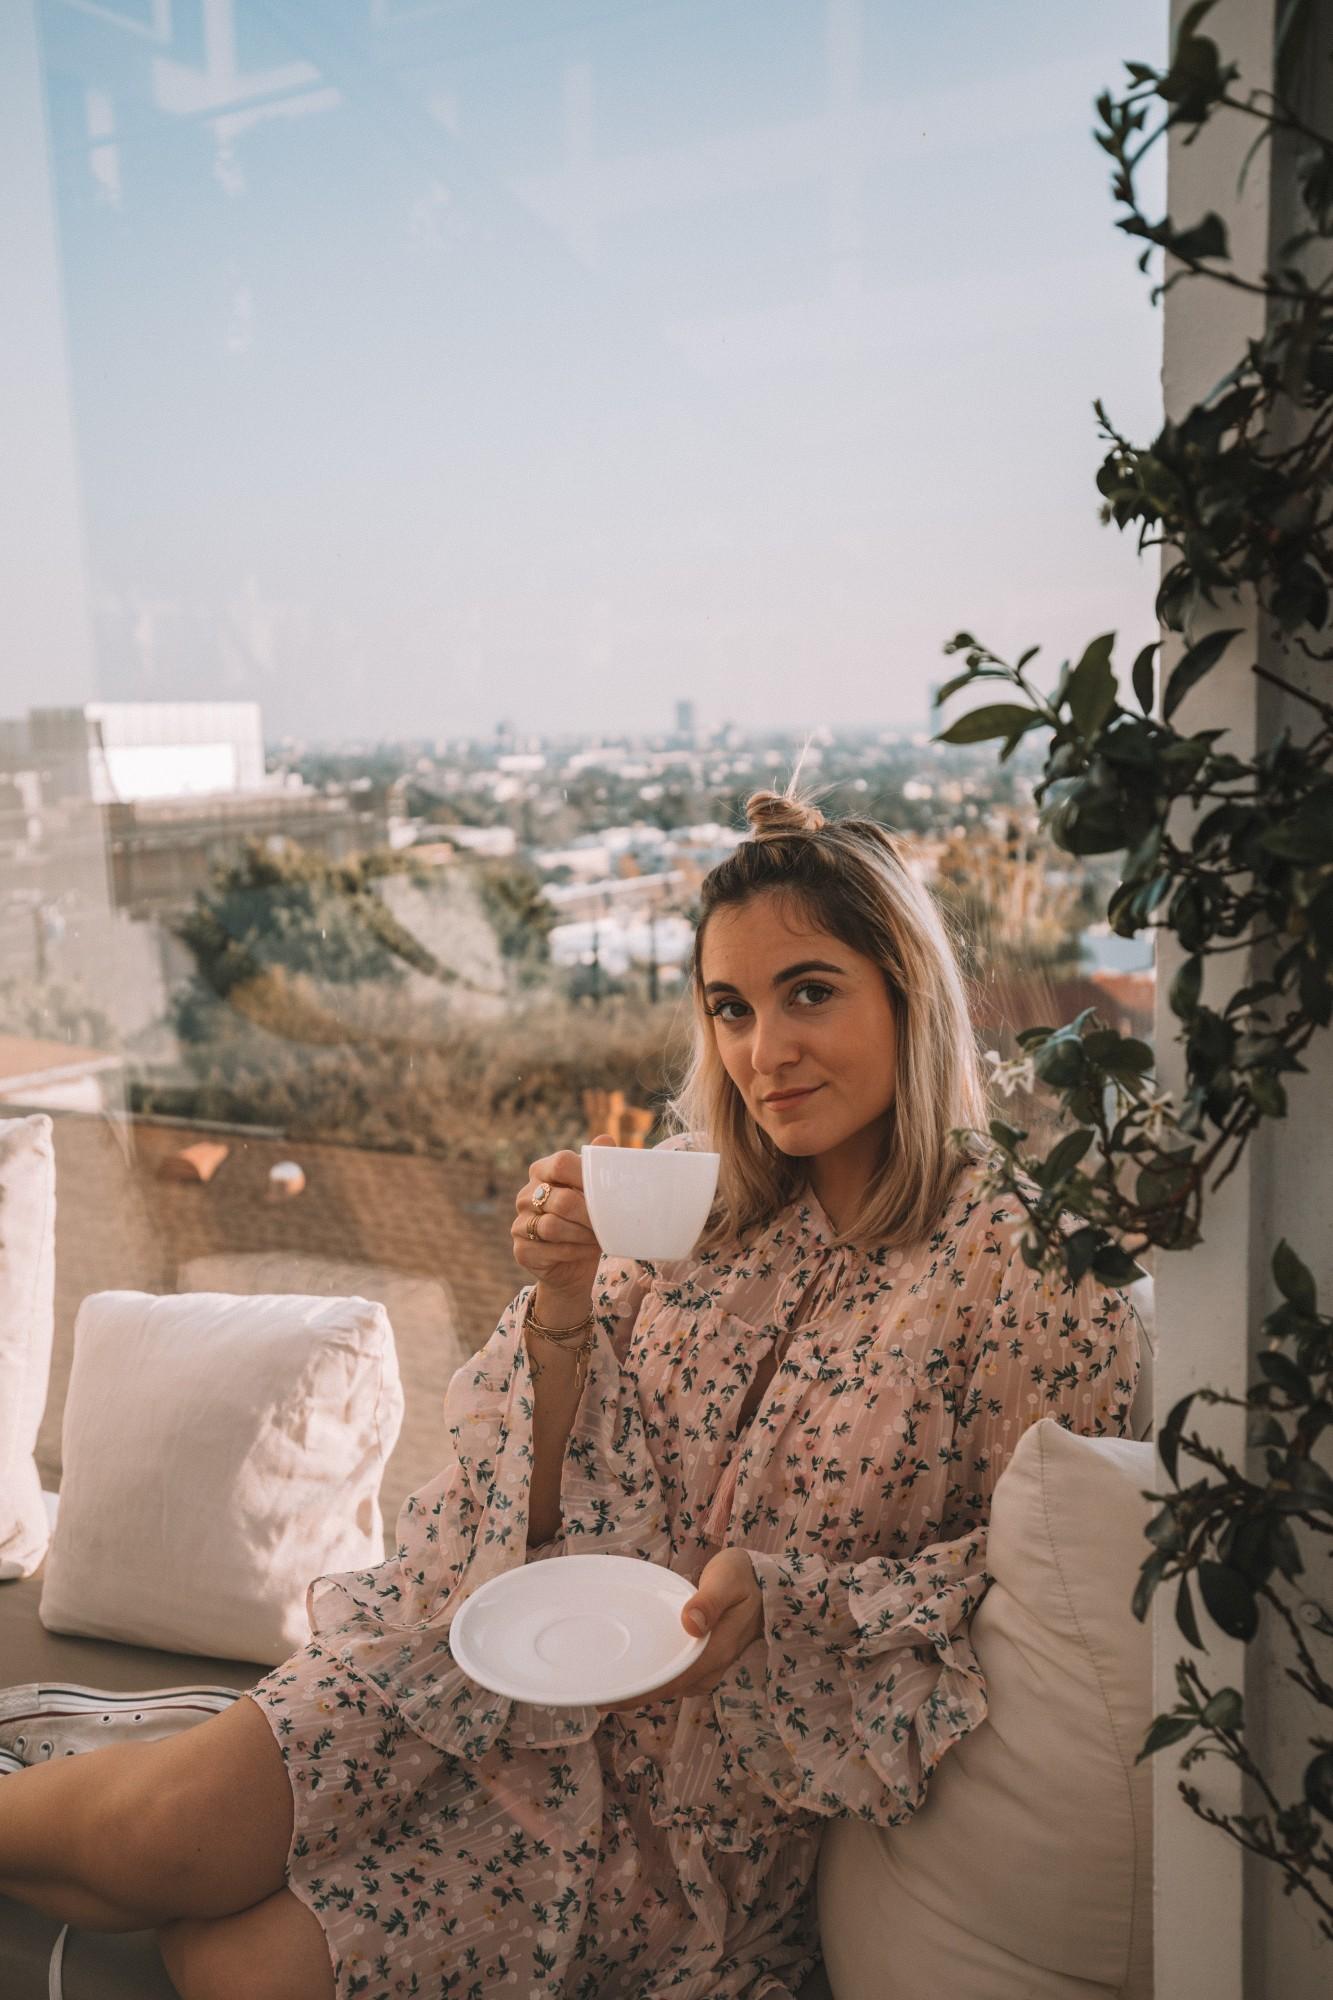 dormir à West Hollywood - Blondie Baby blog voyages